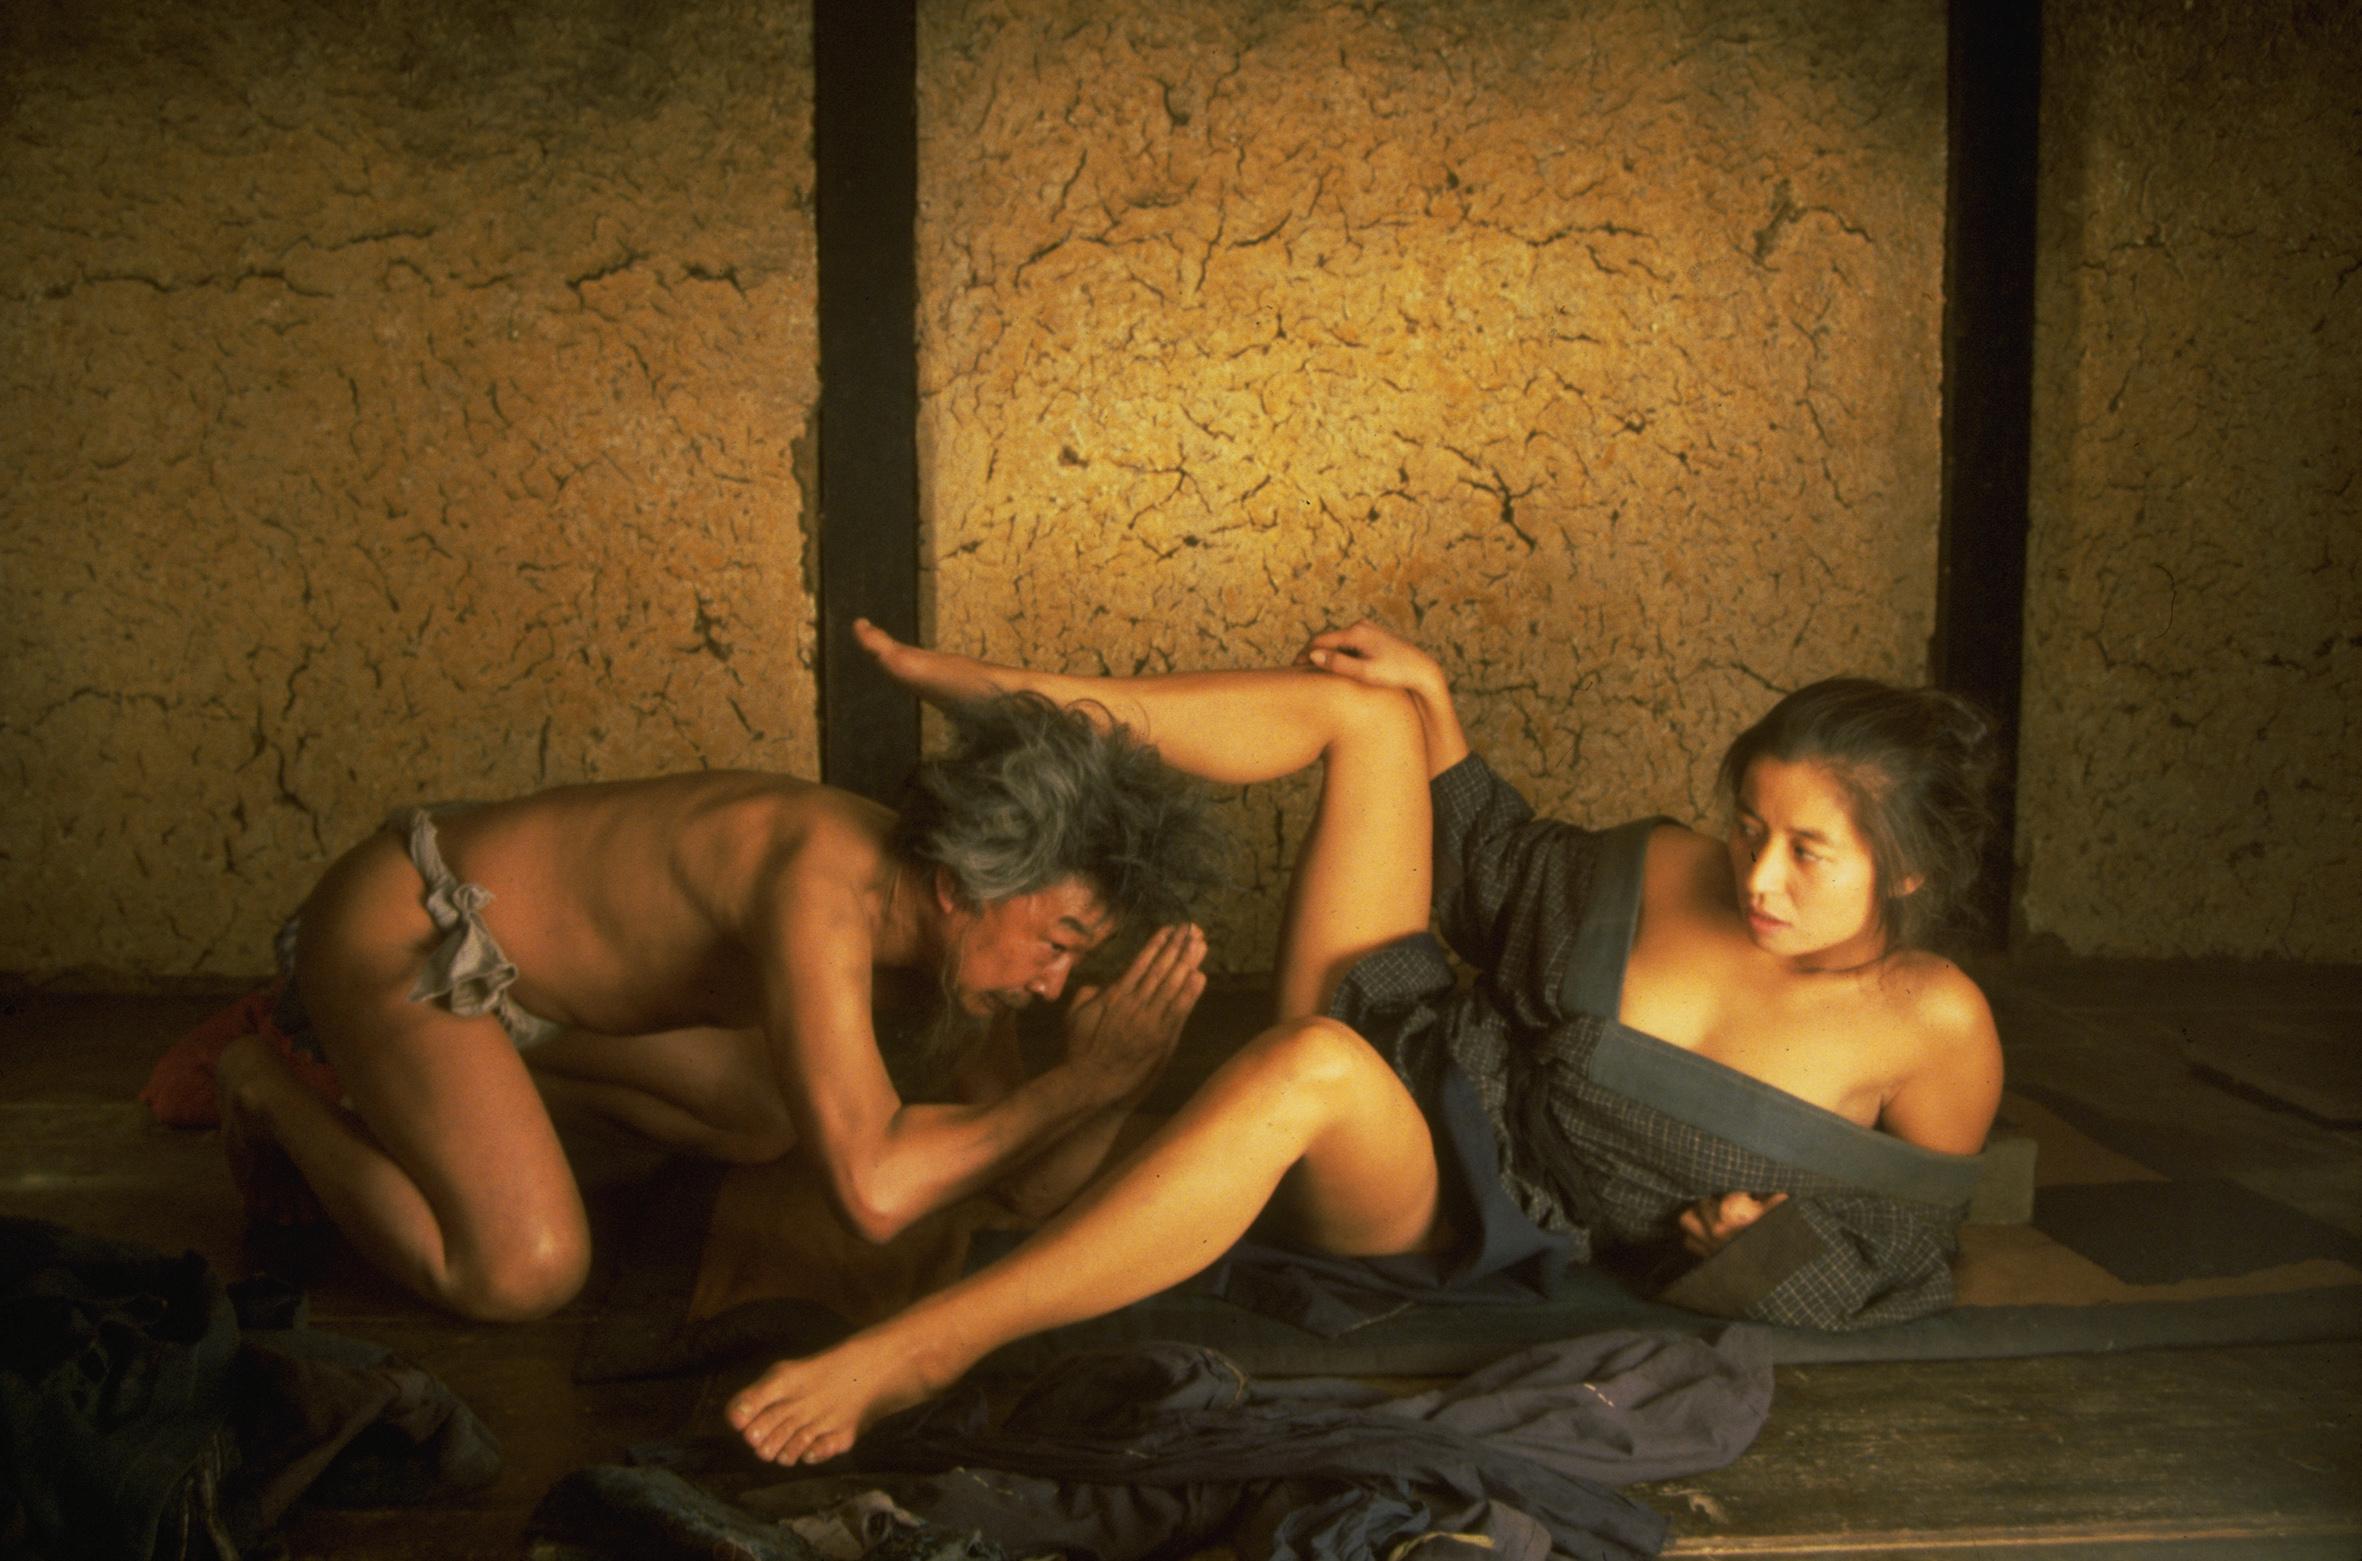 1001 erotic nights the story of scheherazade 1982 7